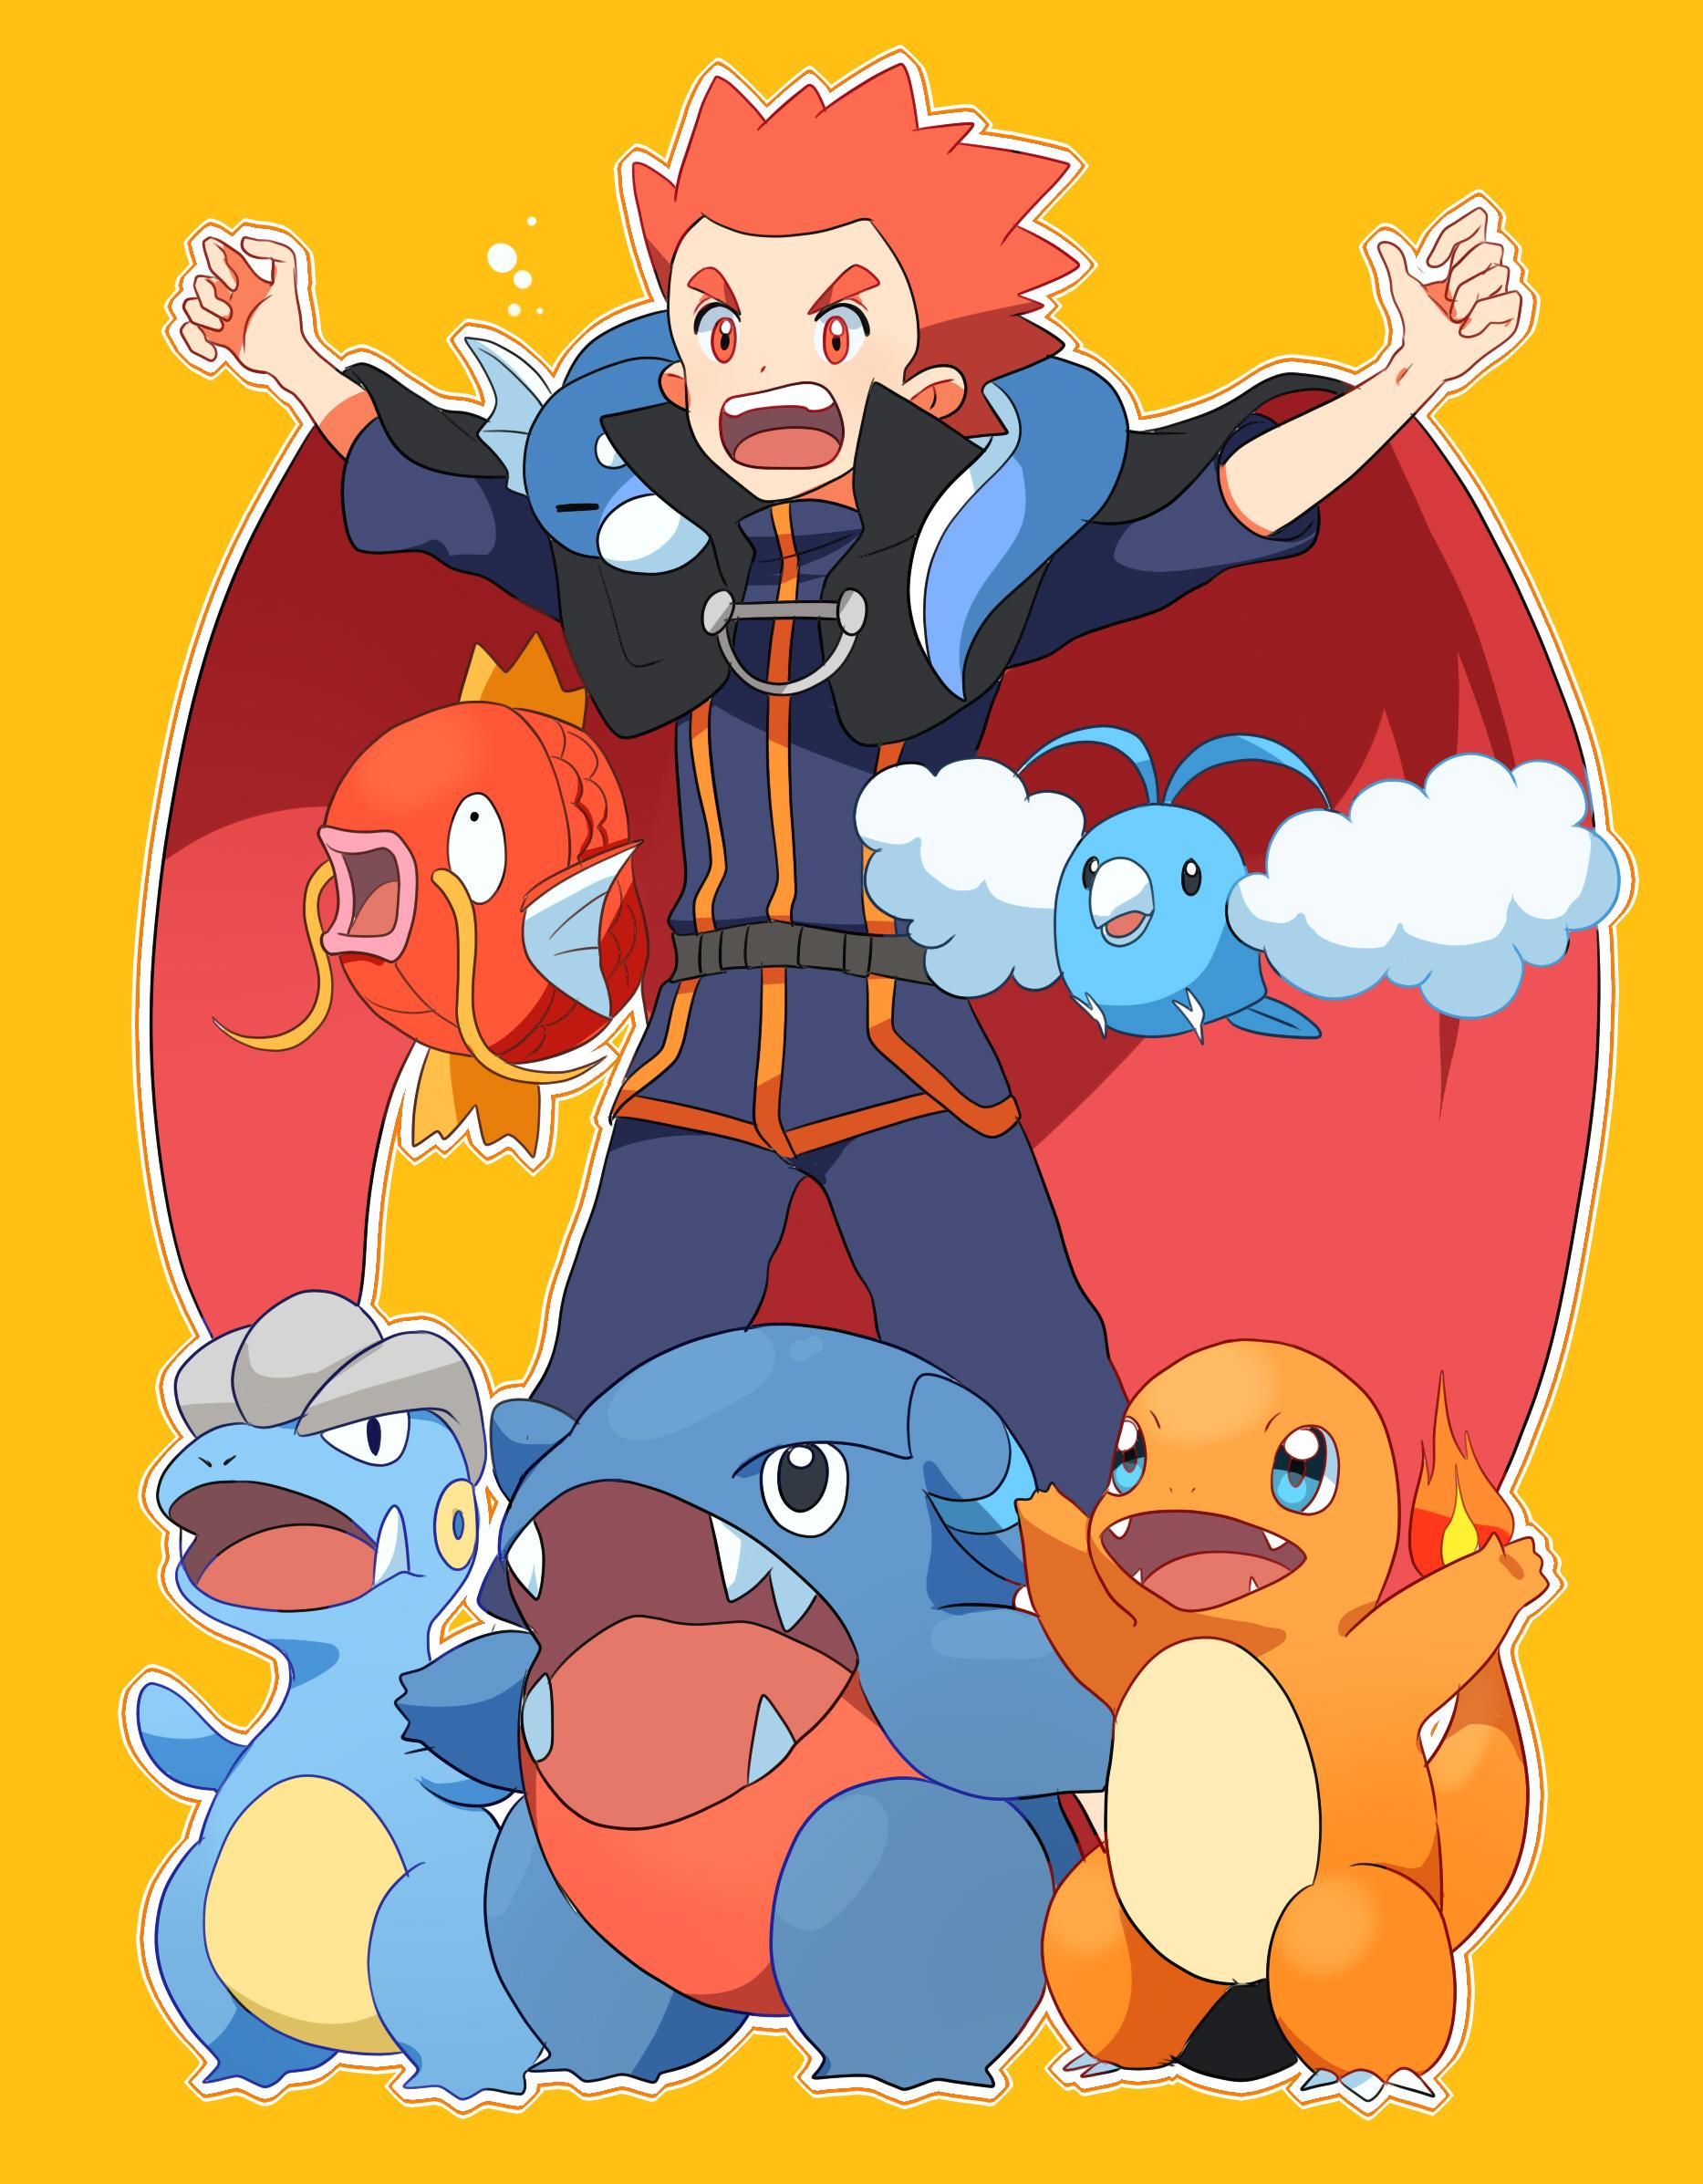 Pokémon/#1715061 - Zerochan